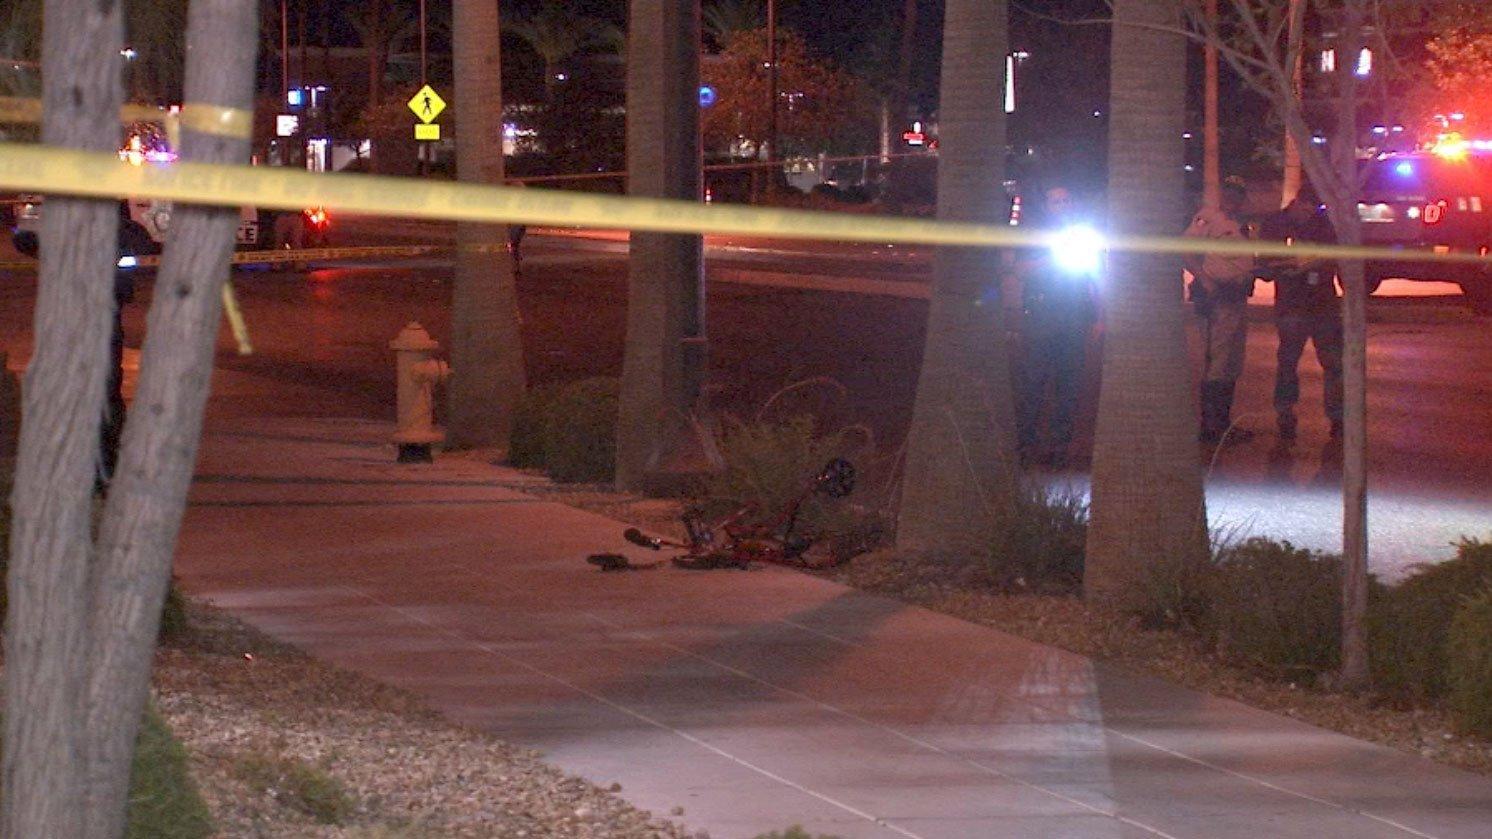 Las Vegas Metro police investigate a deadly crash involving a pedestrian on July 14, 2017. (Luis Marquez/FOX5)